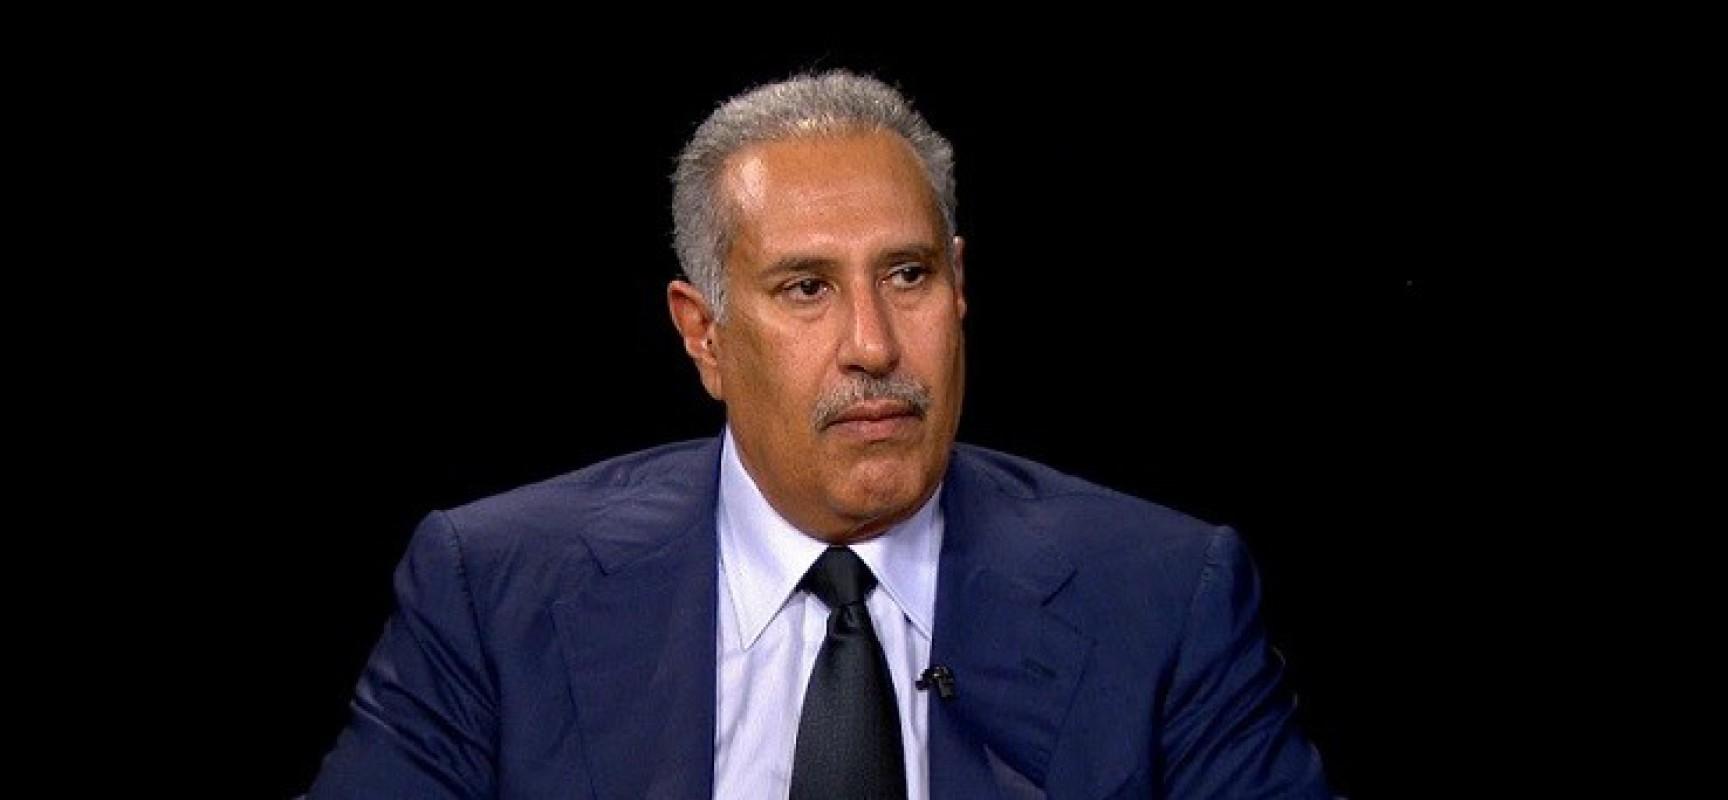 Les révélations d'un haut responsable qatari à la BBC dévoilent une conspiration anti-syrienne bien plus large